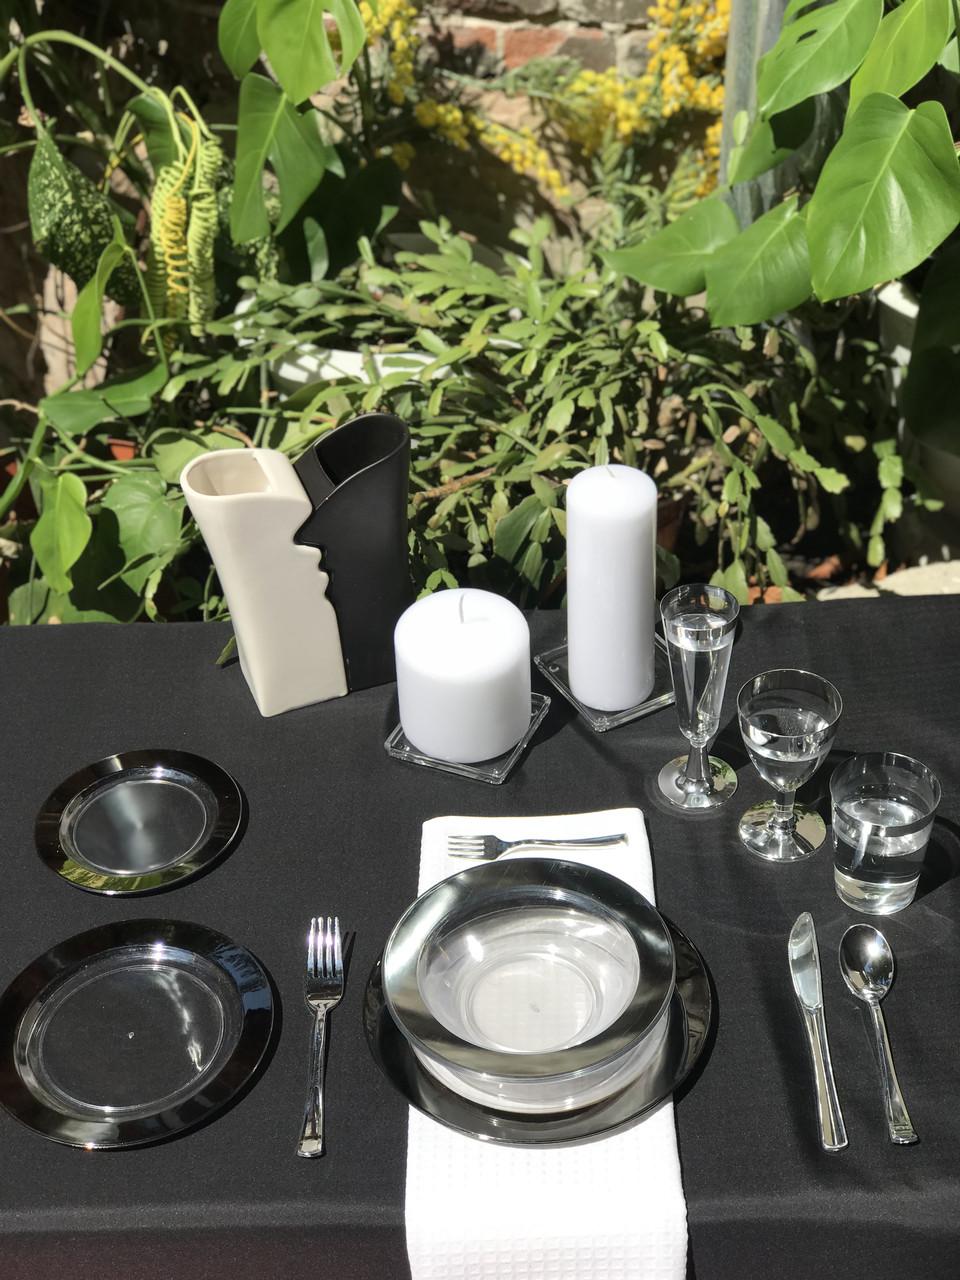 Одноразовая посуда стеклопластик красивая термостойкая плотная 102 шт 6 чел Capital For People